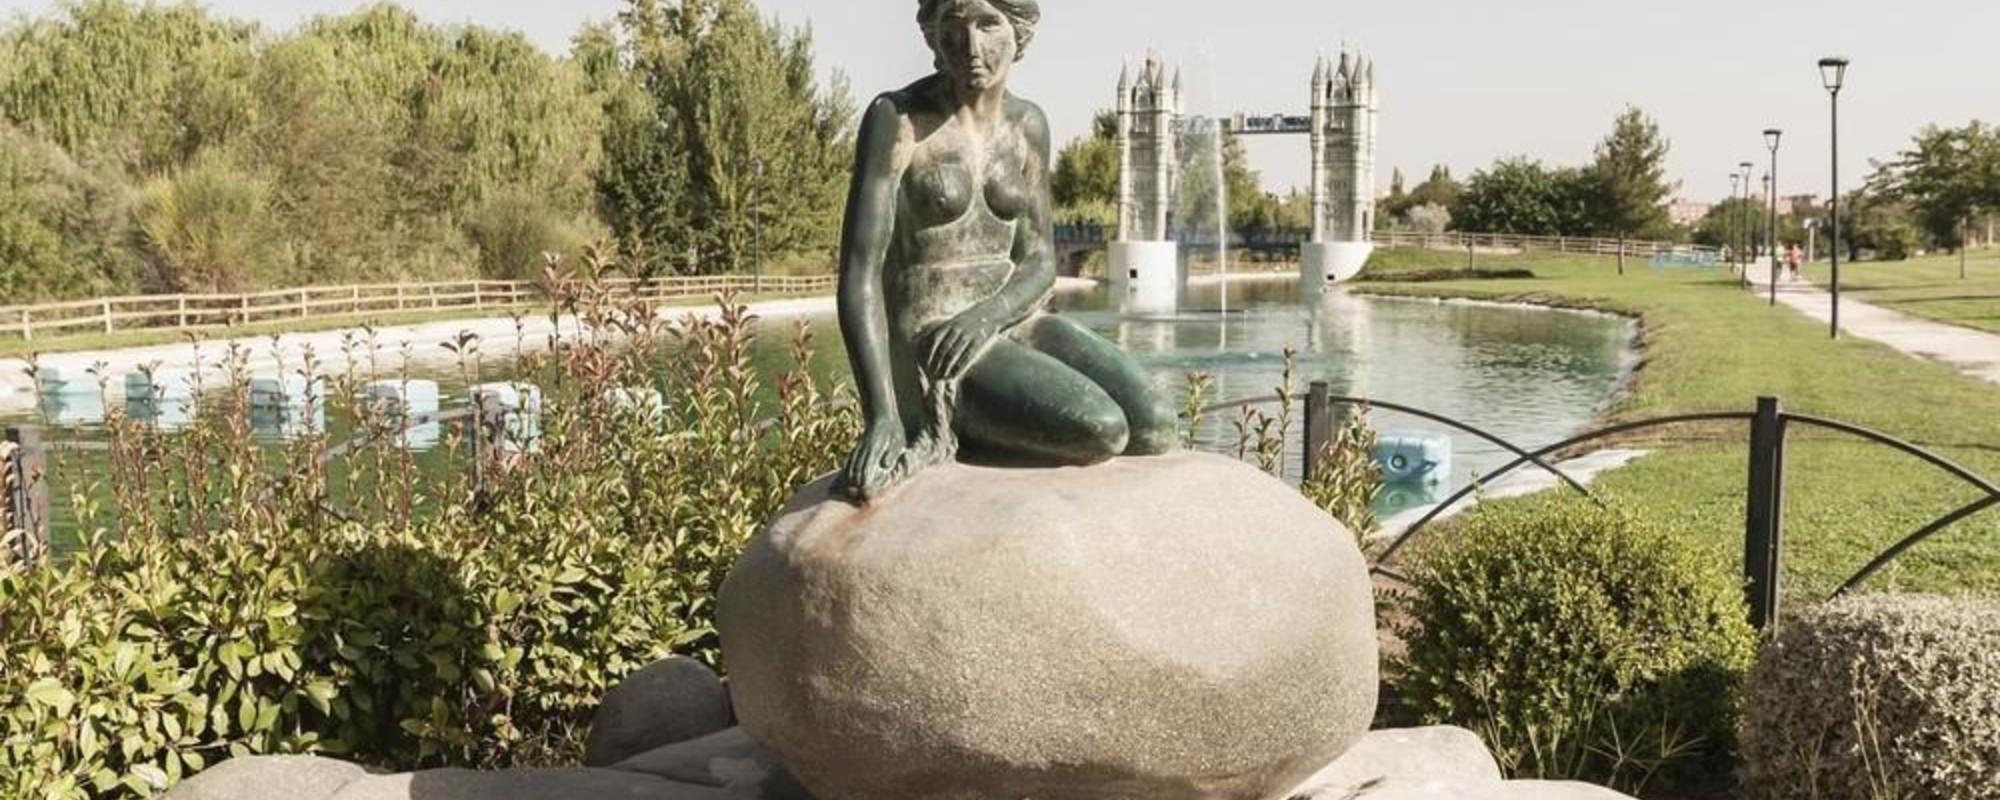 Billeder fra den spanske park, der er fyldt med kopier af kendte europæiske monumenter